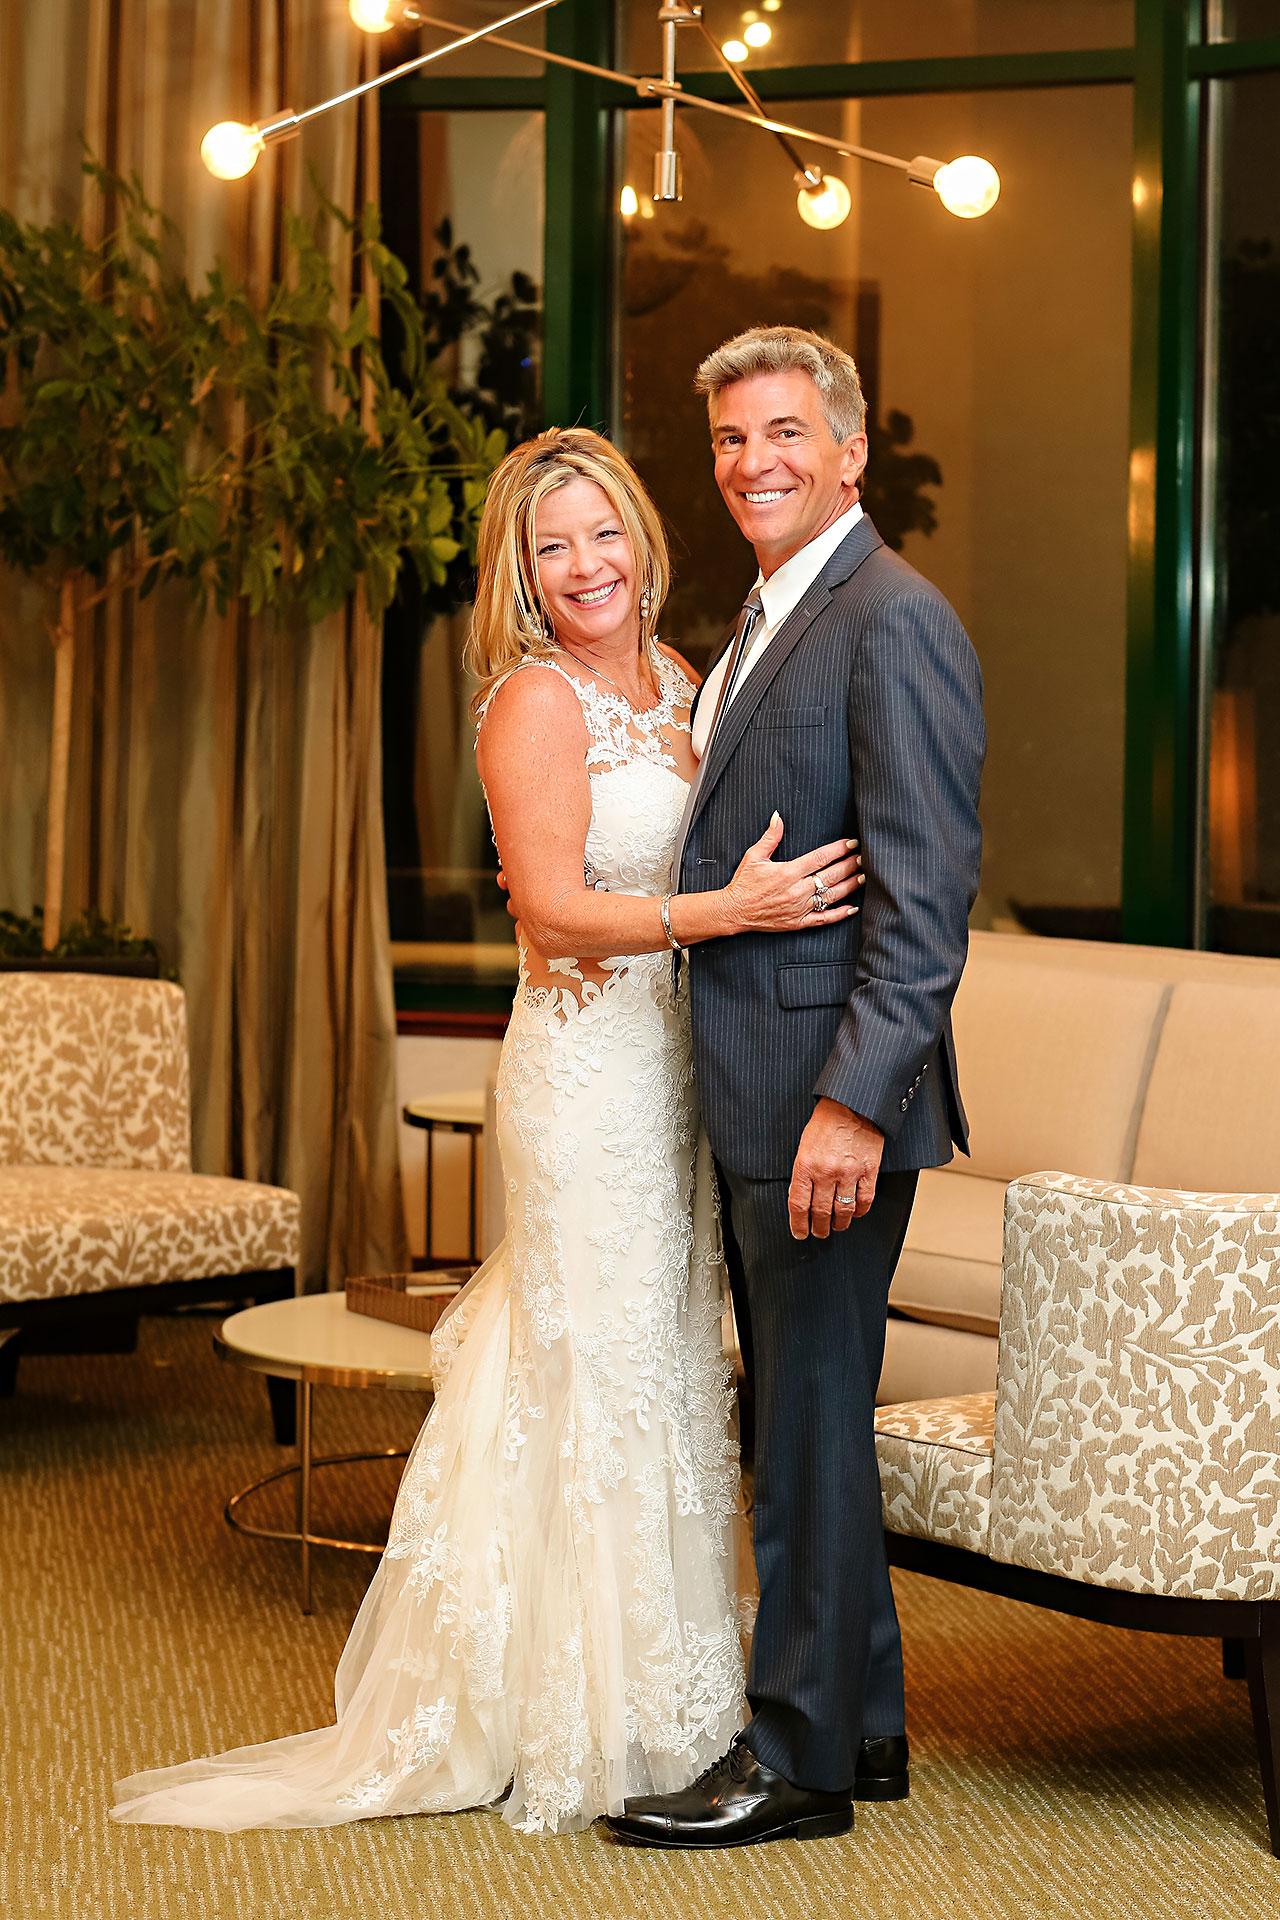 Rhonda Jeff Montage Indianapolis Wedding Reception 033